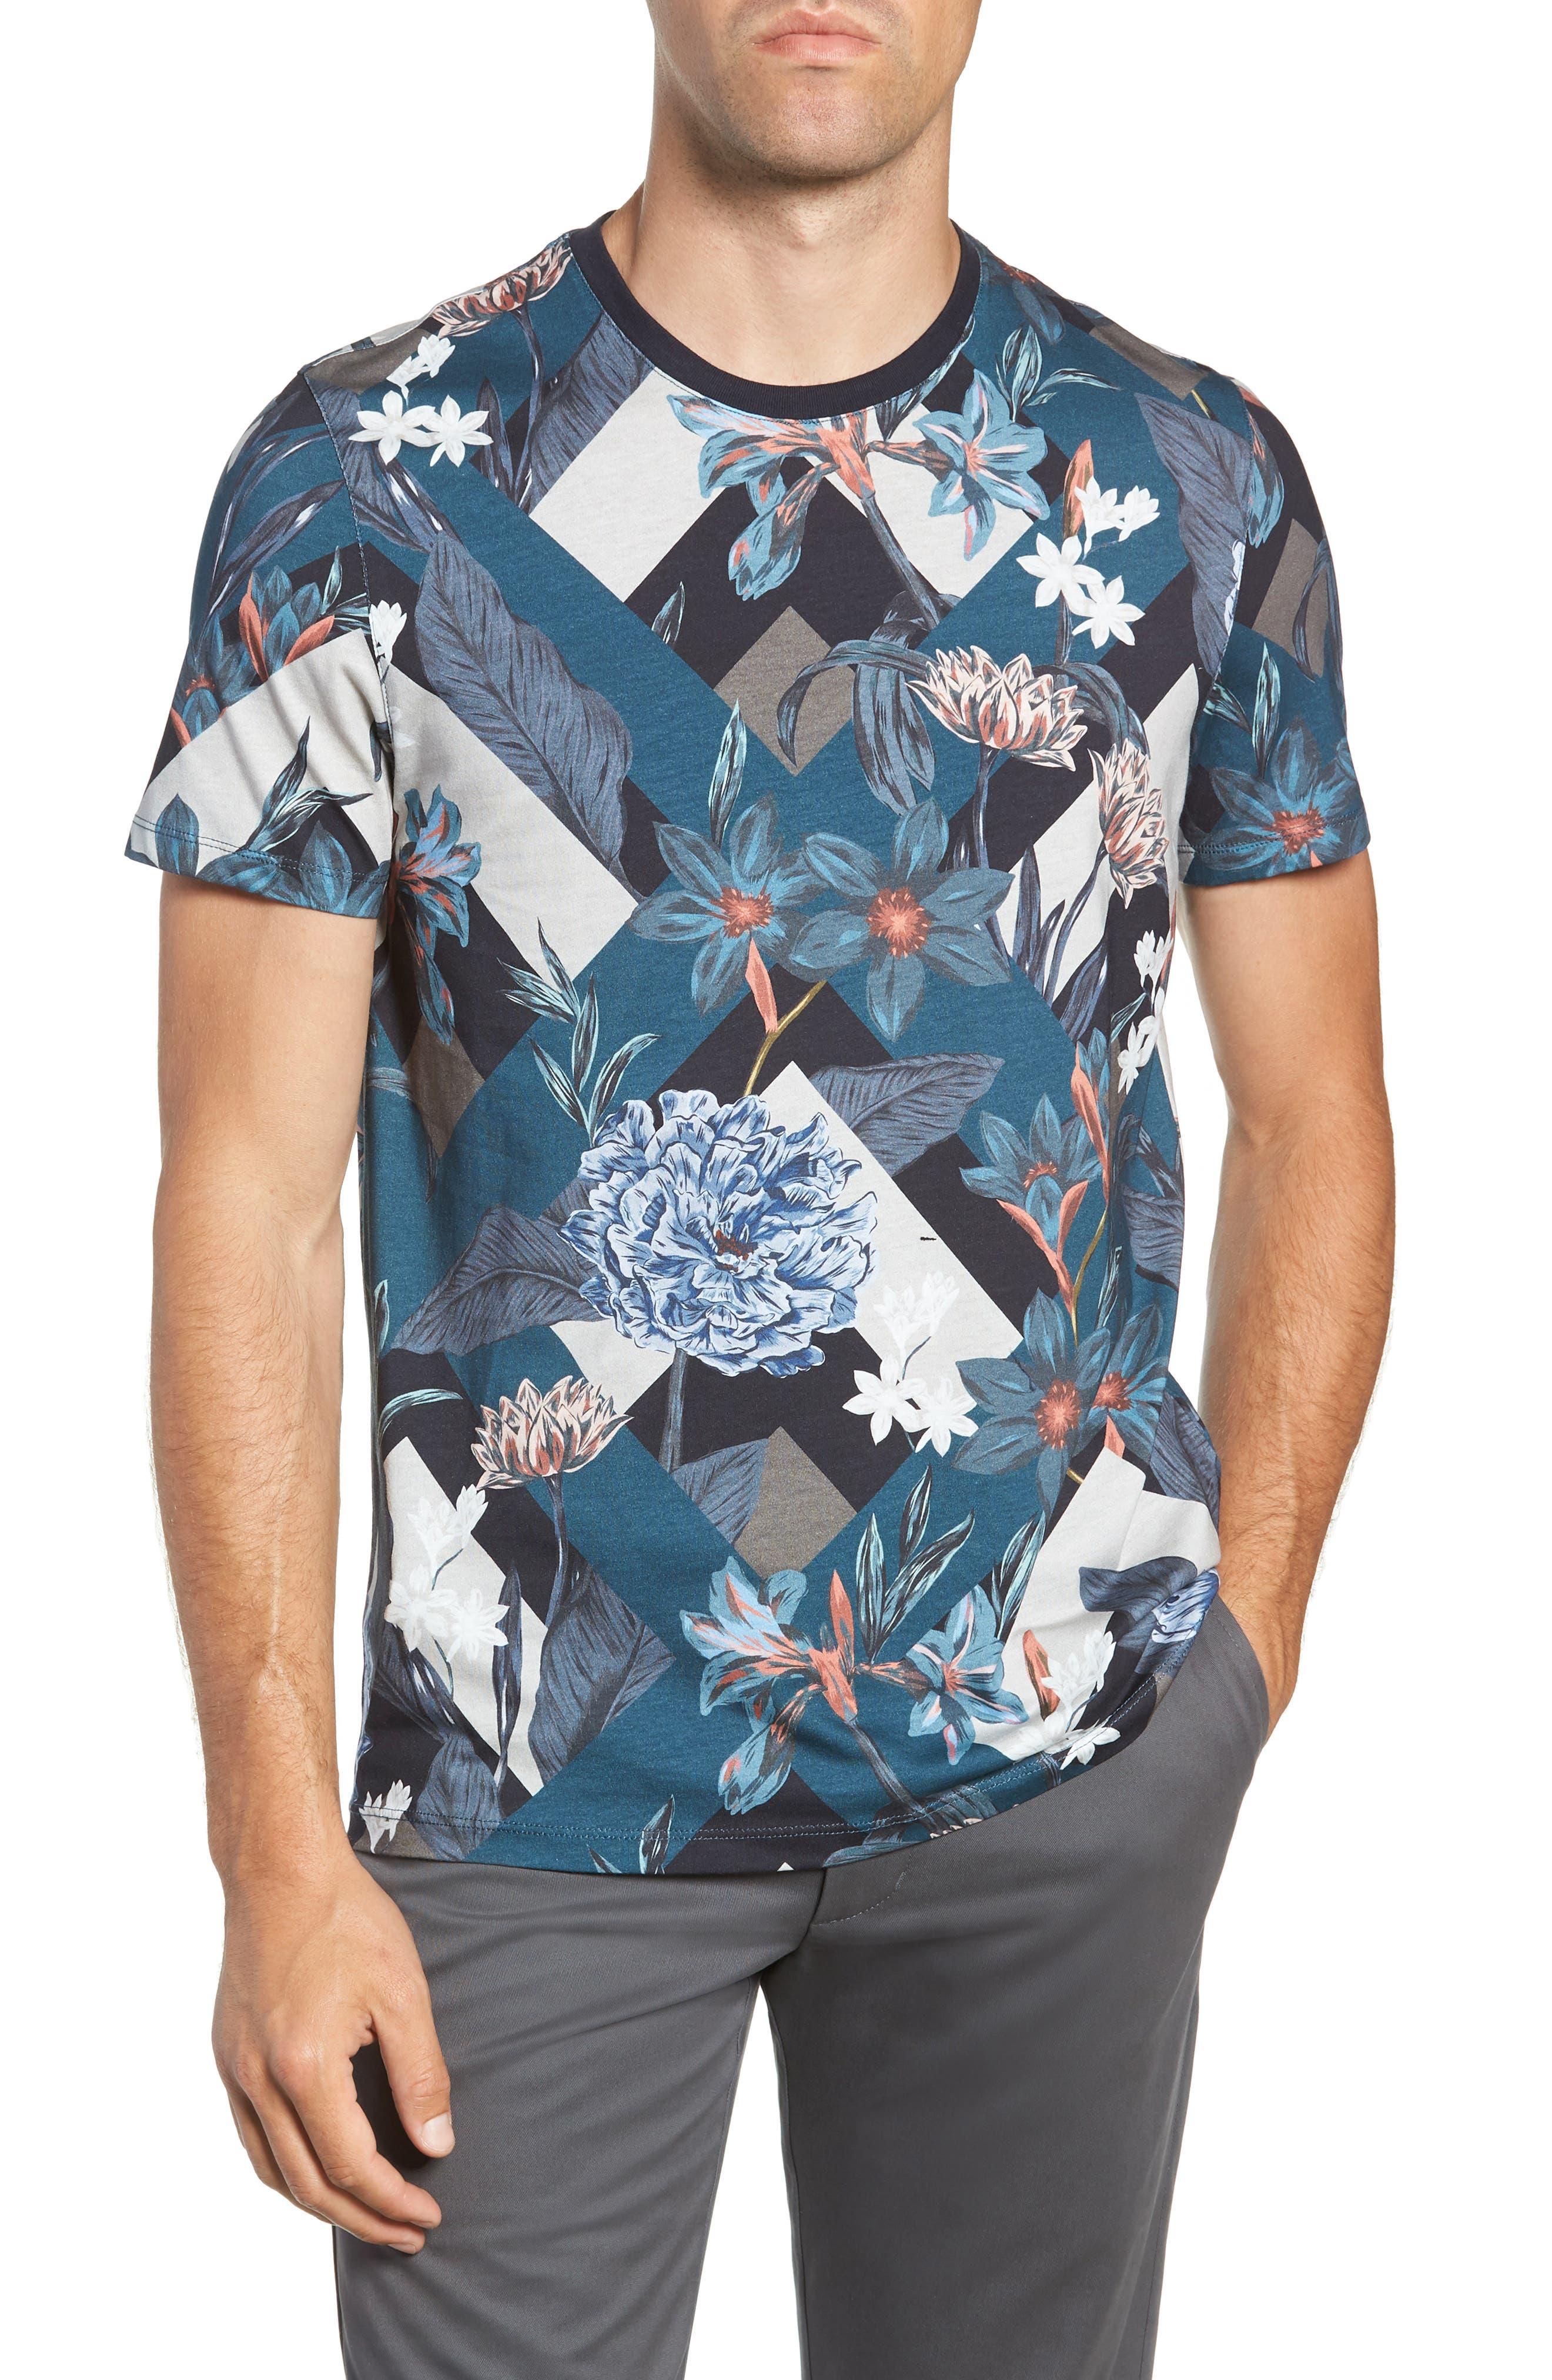 Jolly Slim Fit T-Shirt,                             Main thumbnail 1, color,                             410